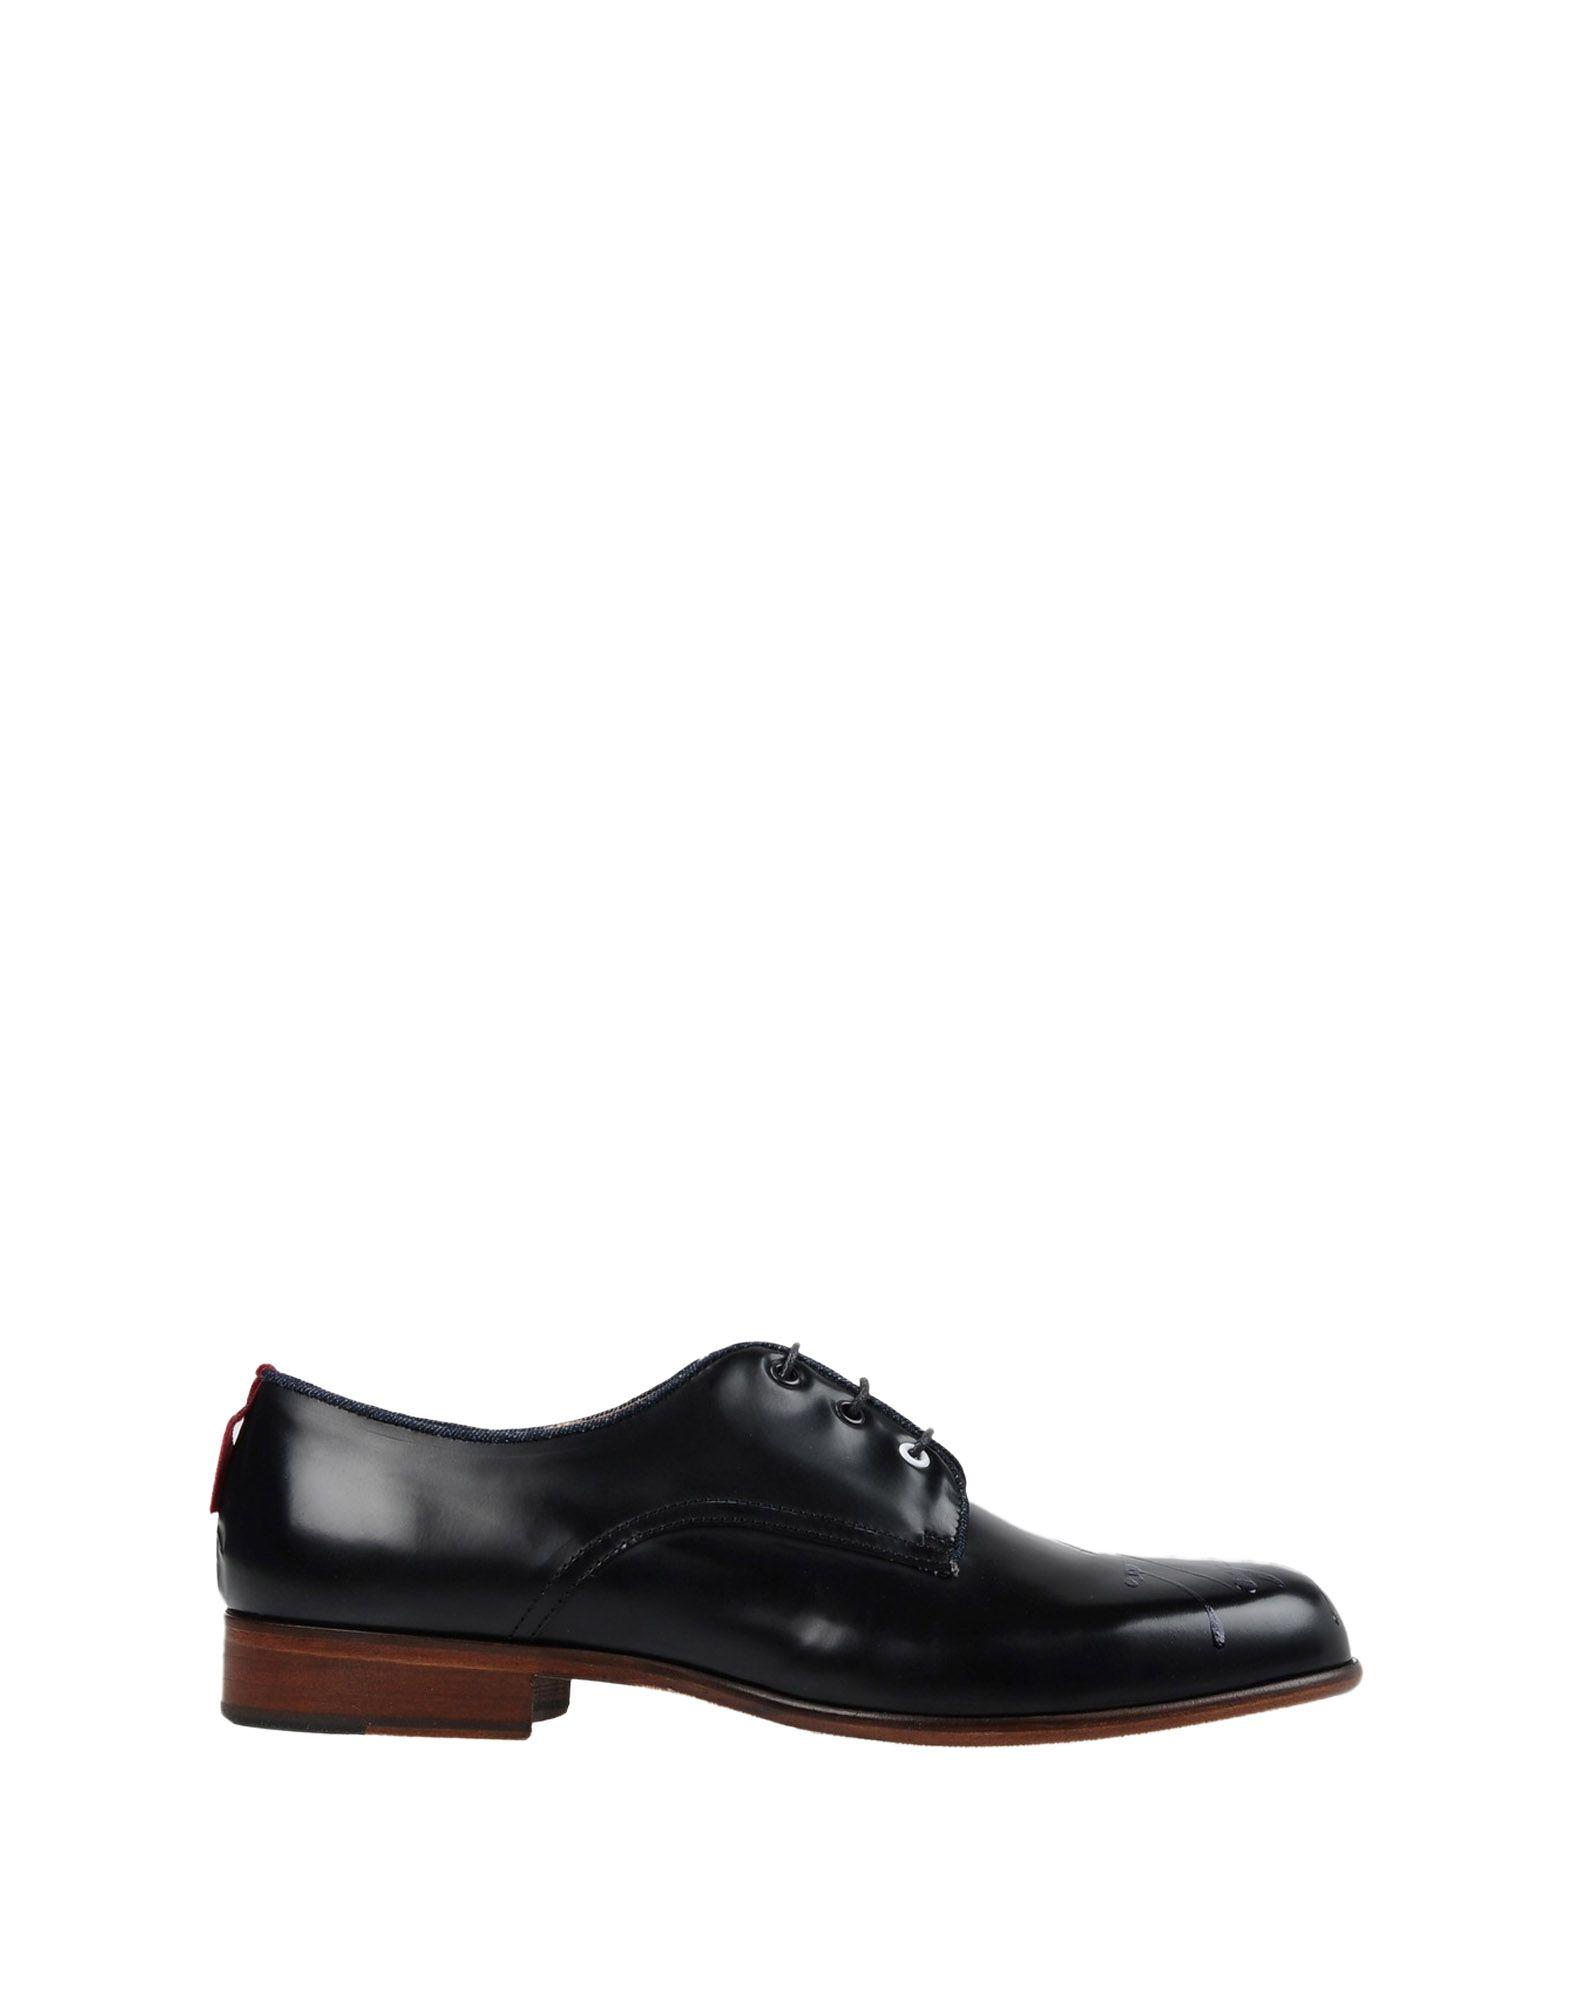 CHAUSSURES - Chaussures à lacetsATTIMONELLIS 387PKppG70